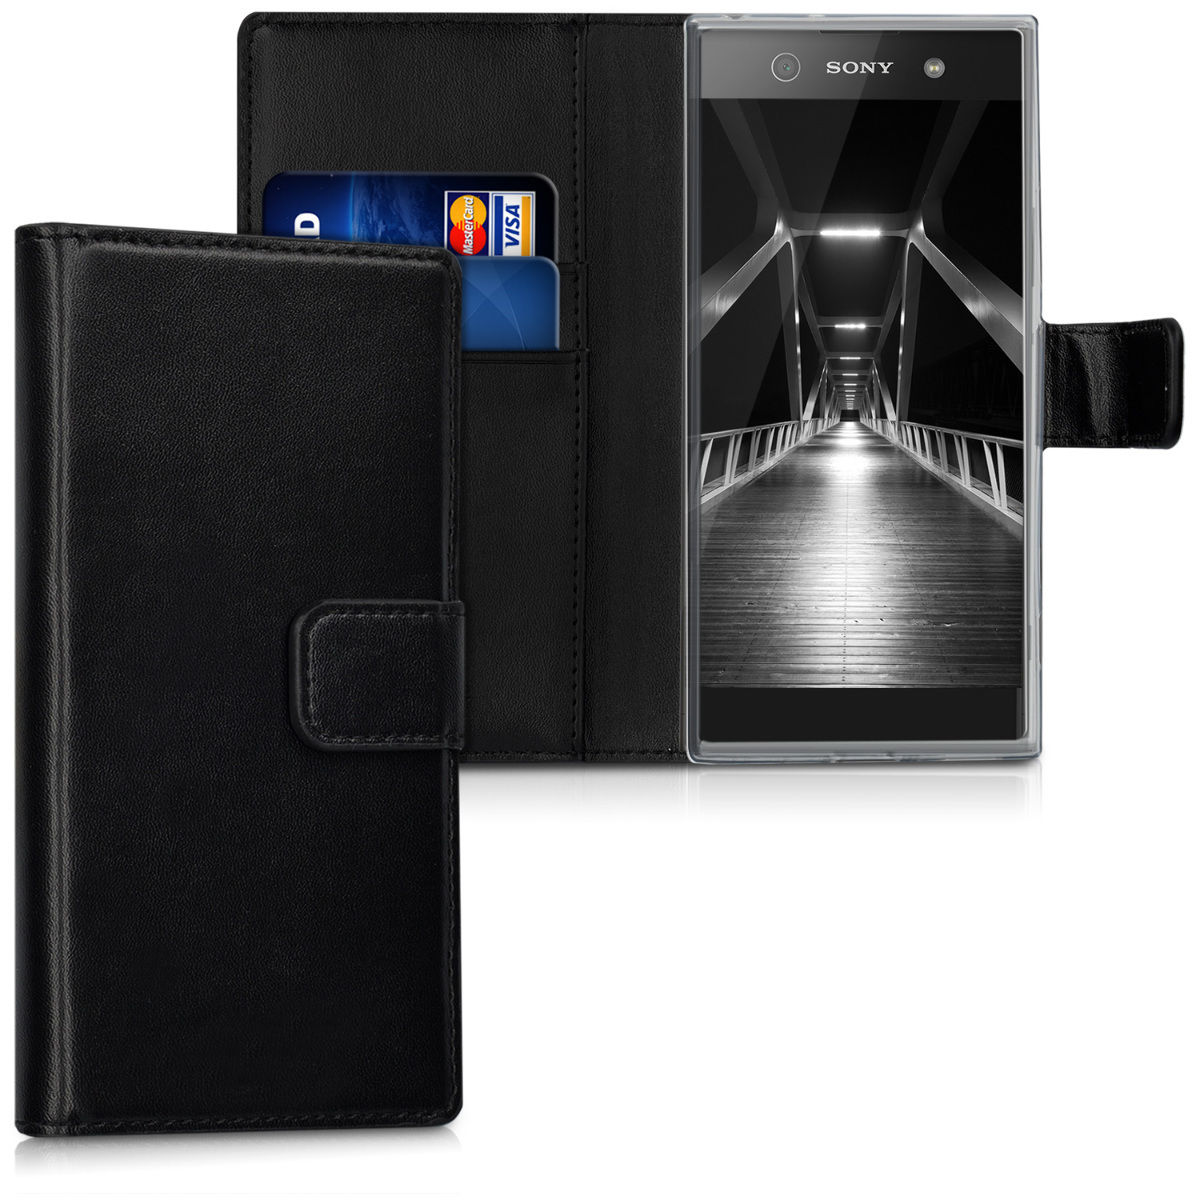 Pouzdro pro Sony Xperia XA1 černé